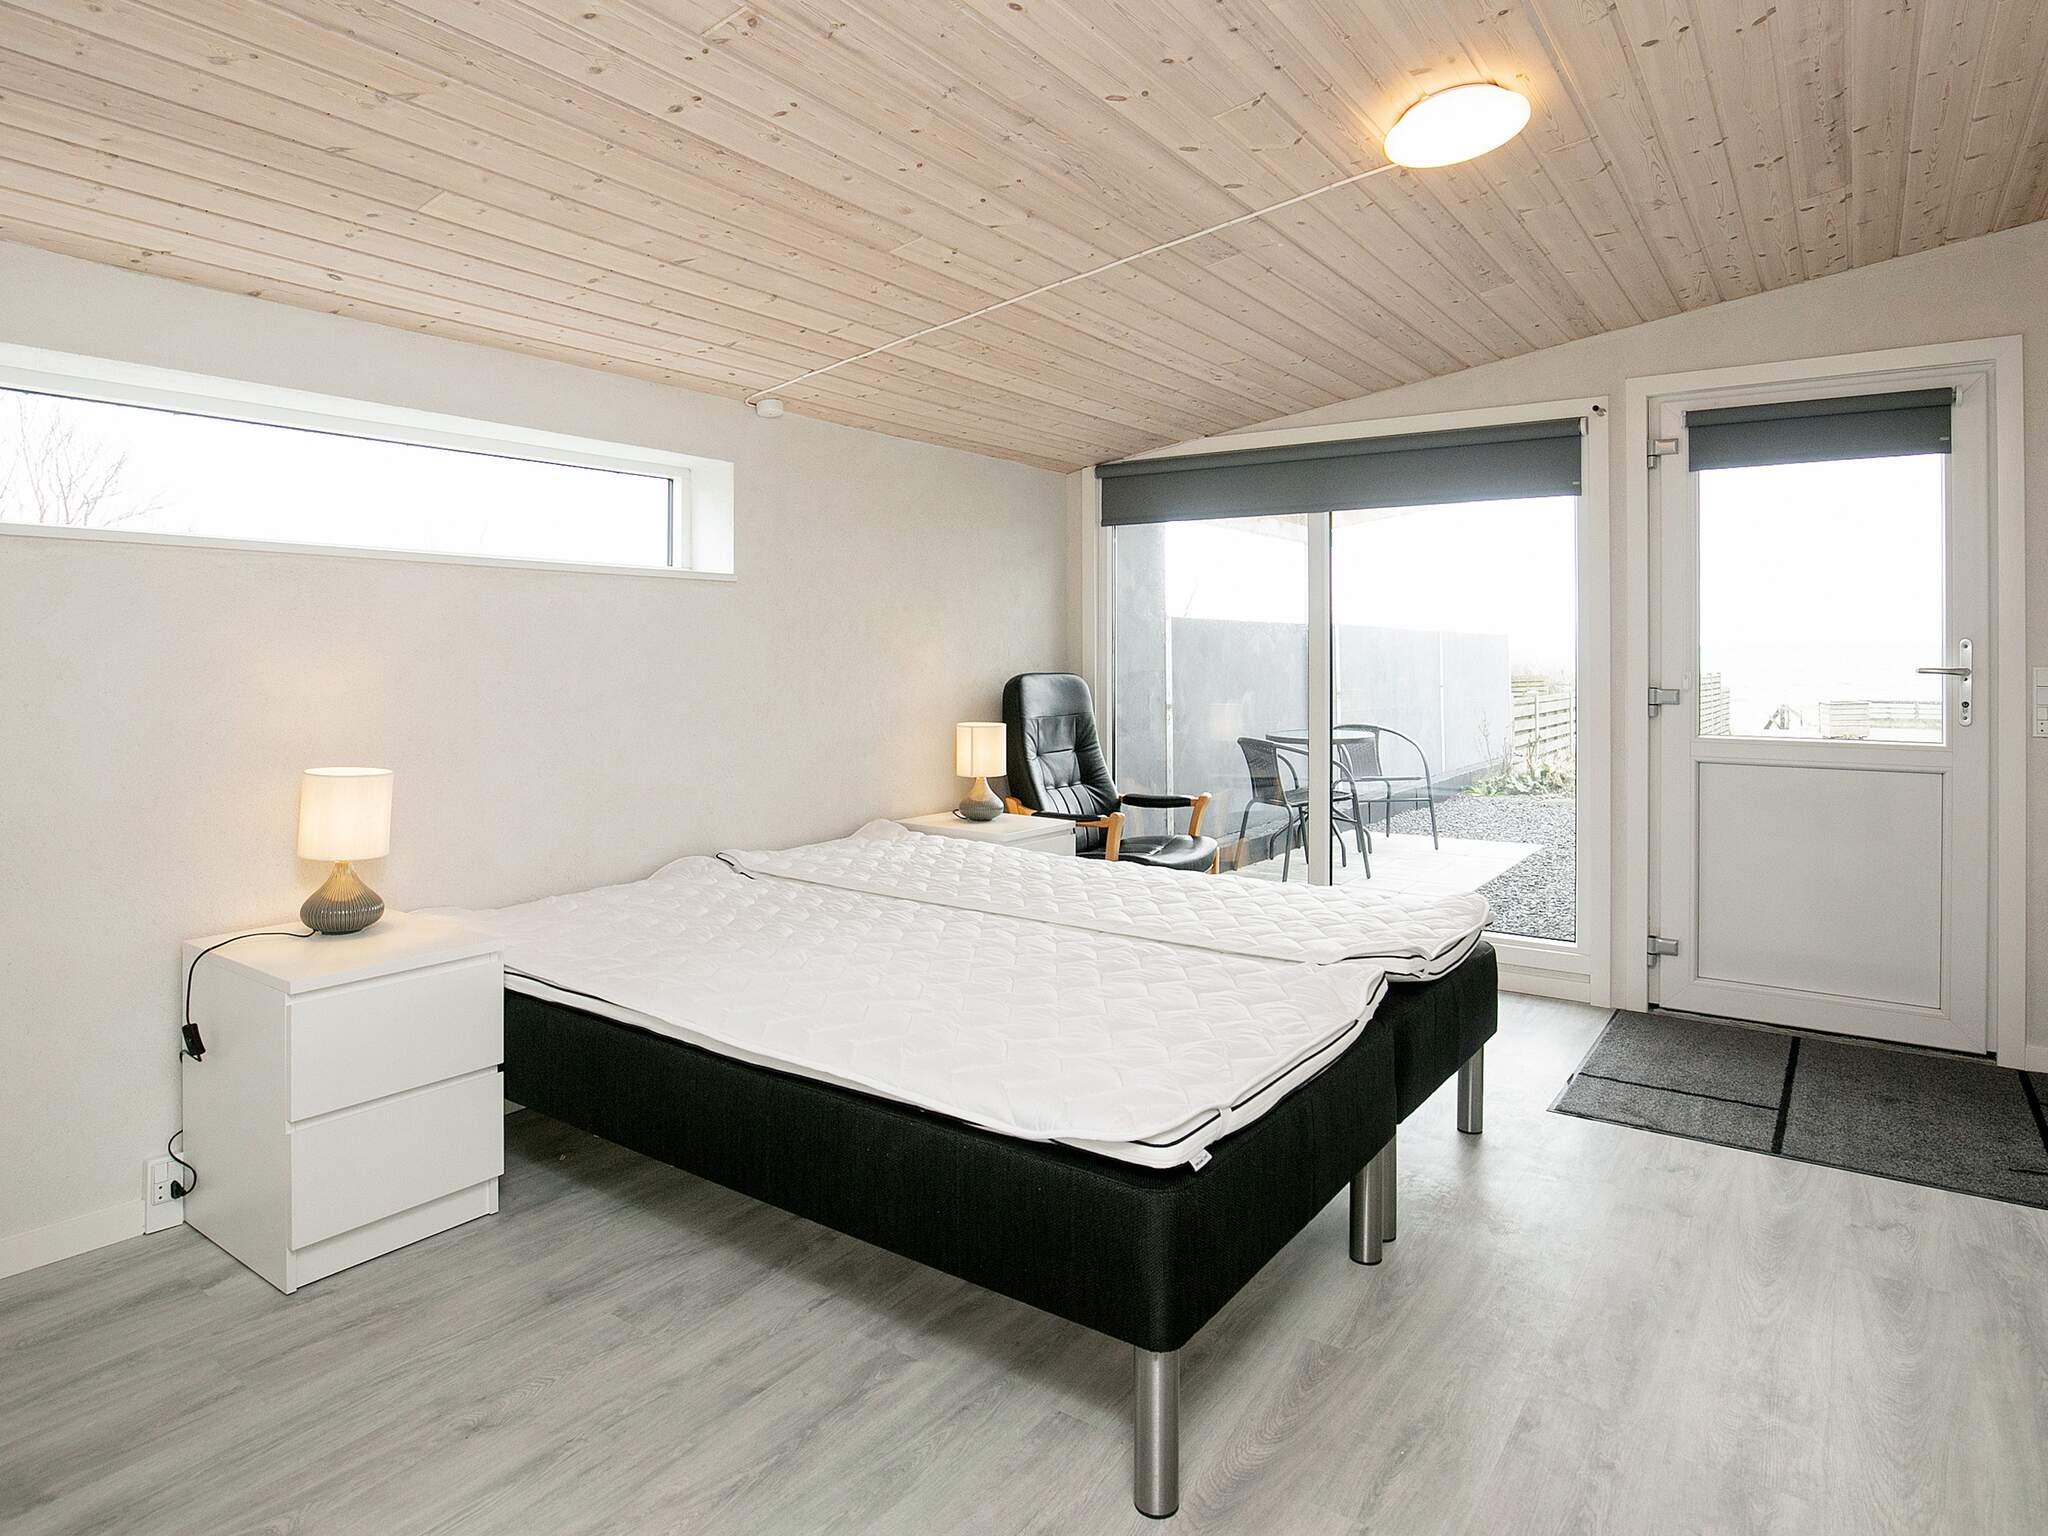 Ferienhaus Marielyst (2561595), Marielyst, , Falster, Dänemark, Bild 13